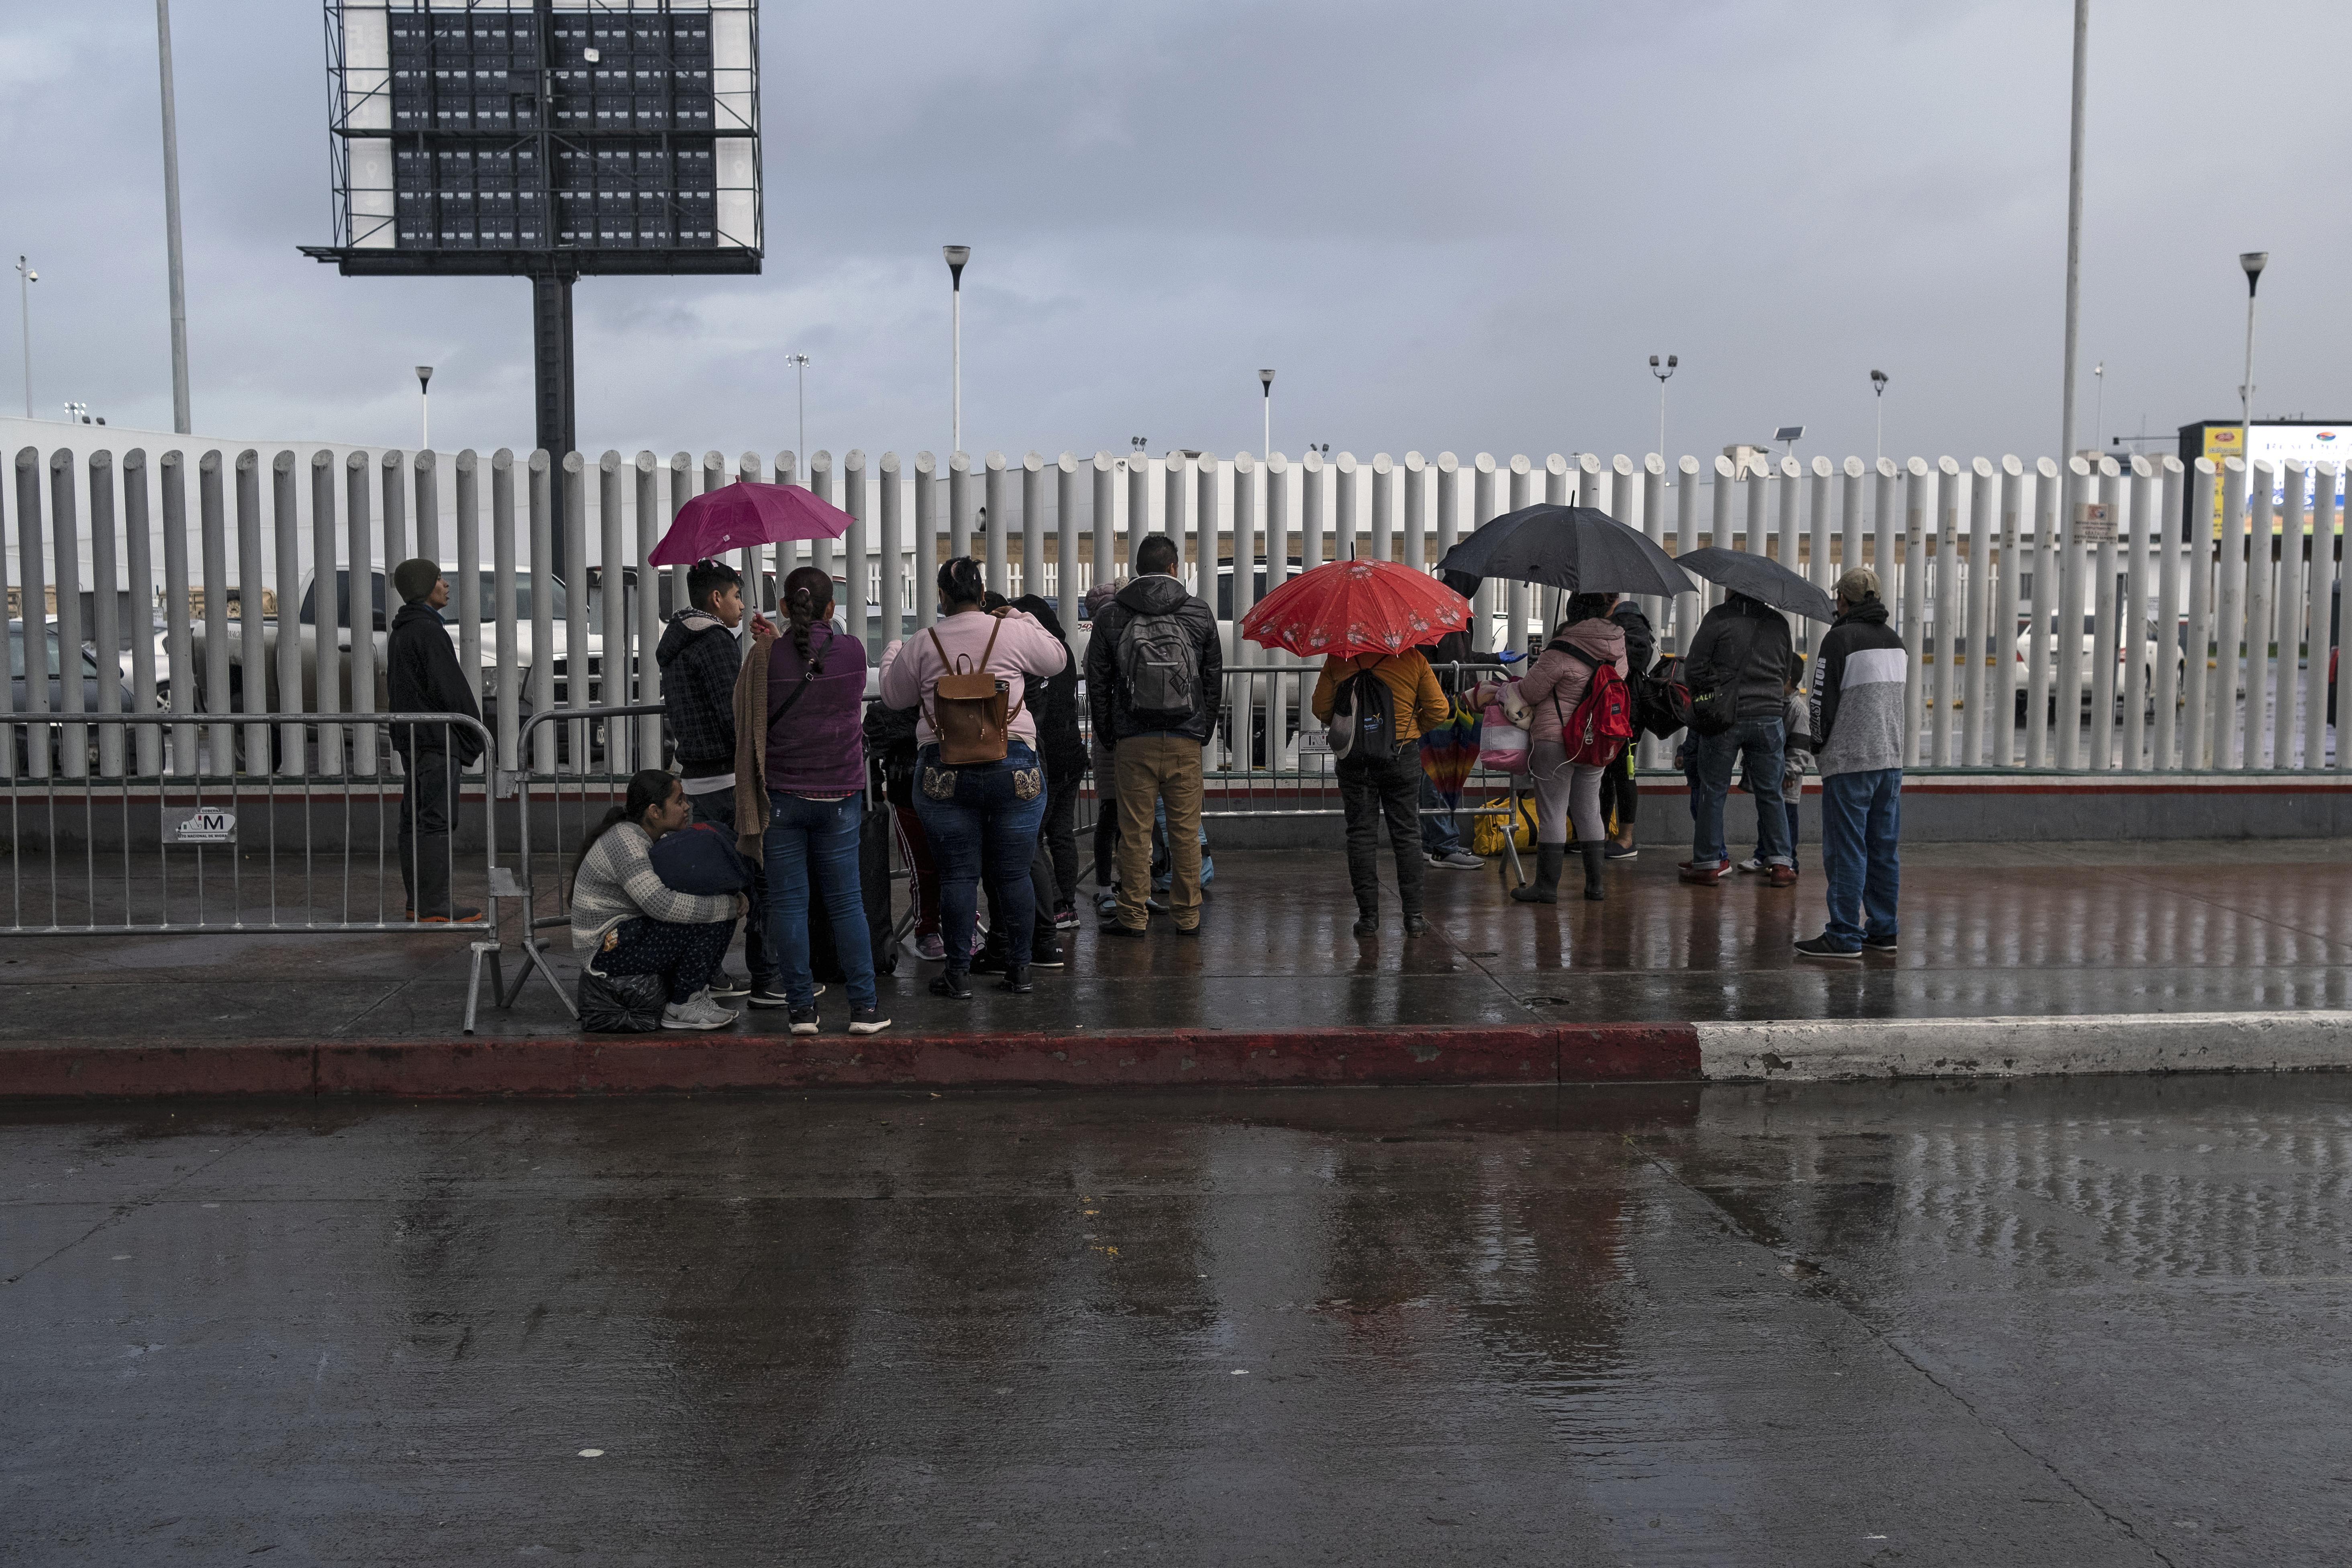 Los solicitantes de asilo esperan noticias fuera del puerto de entrada de El Chaparral en la frontera entre Estados Unidos y México en Tijuana, estado de Baja California, México, el 19 de marzo de 2020.